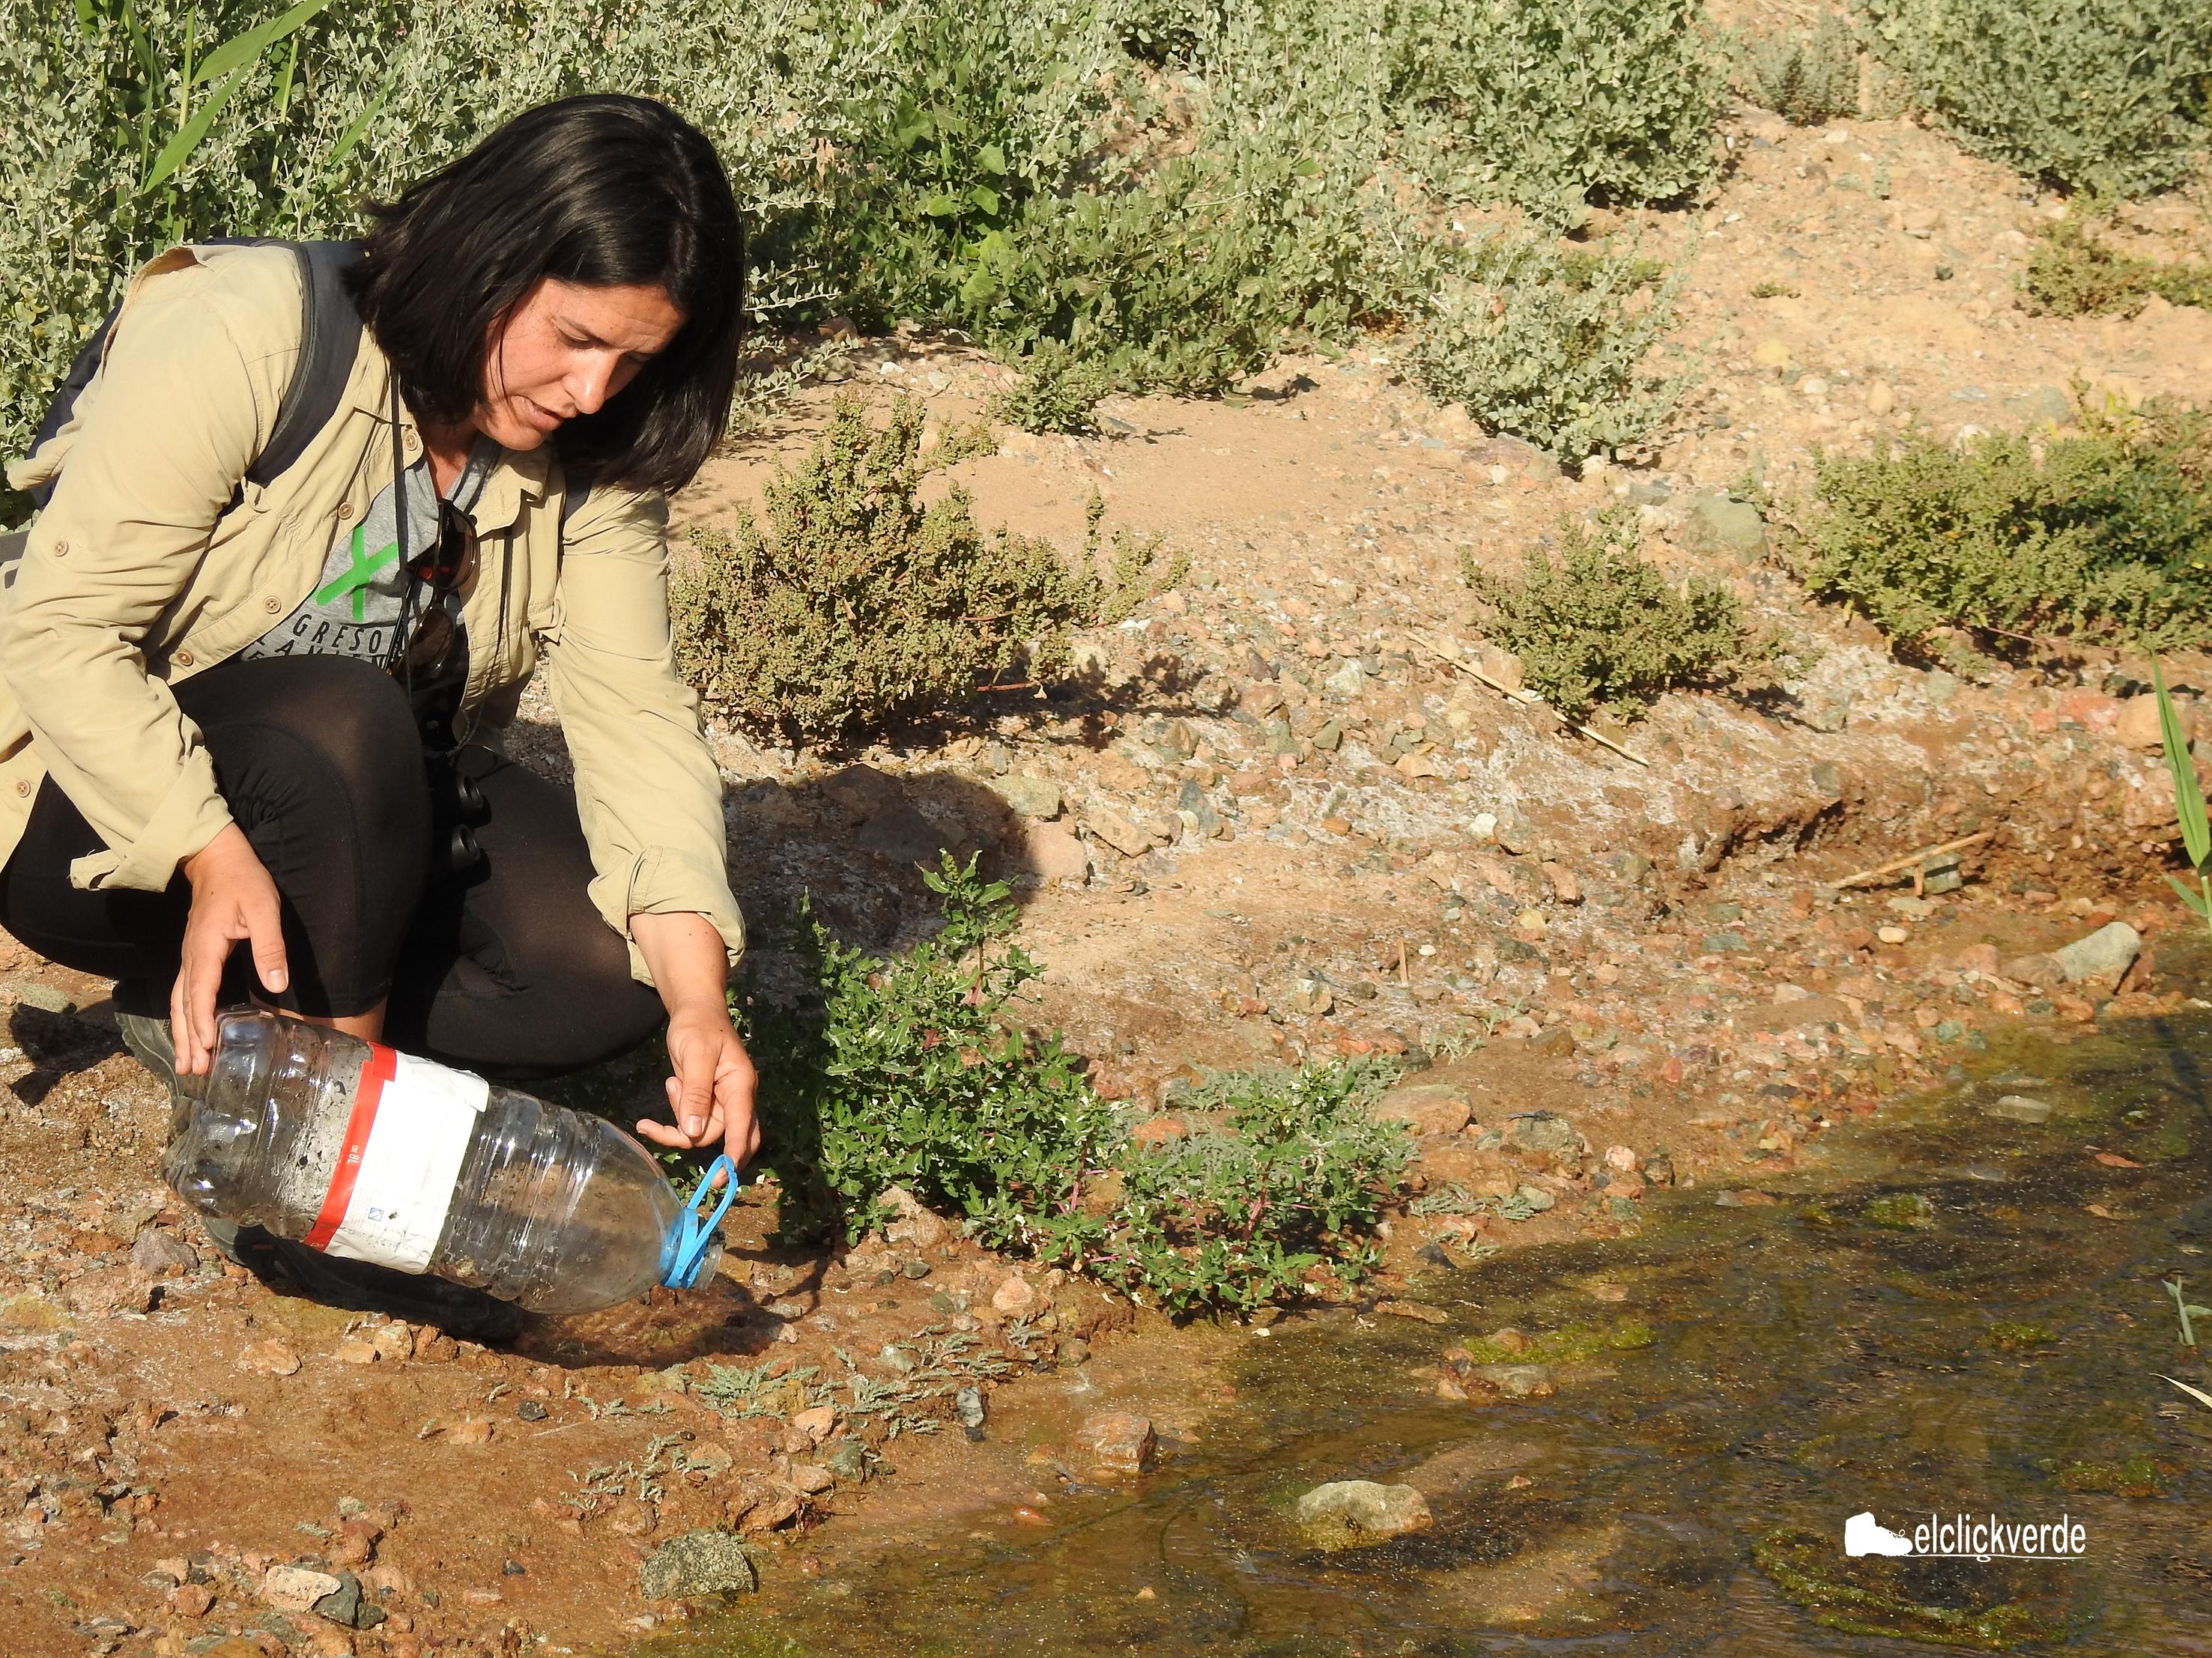 Susana Noguera liberó a los anfibios guardados en una de las garrafas